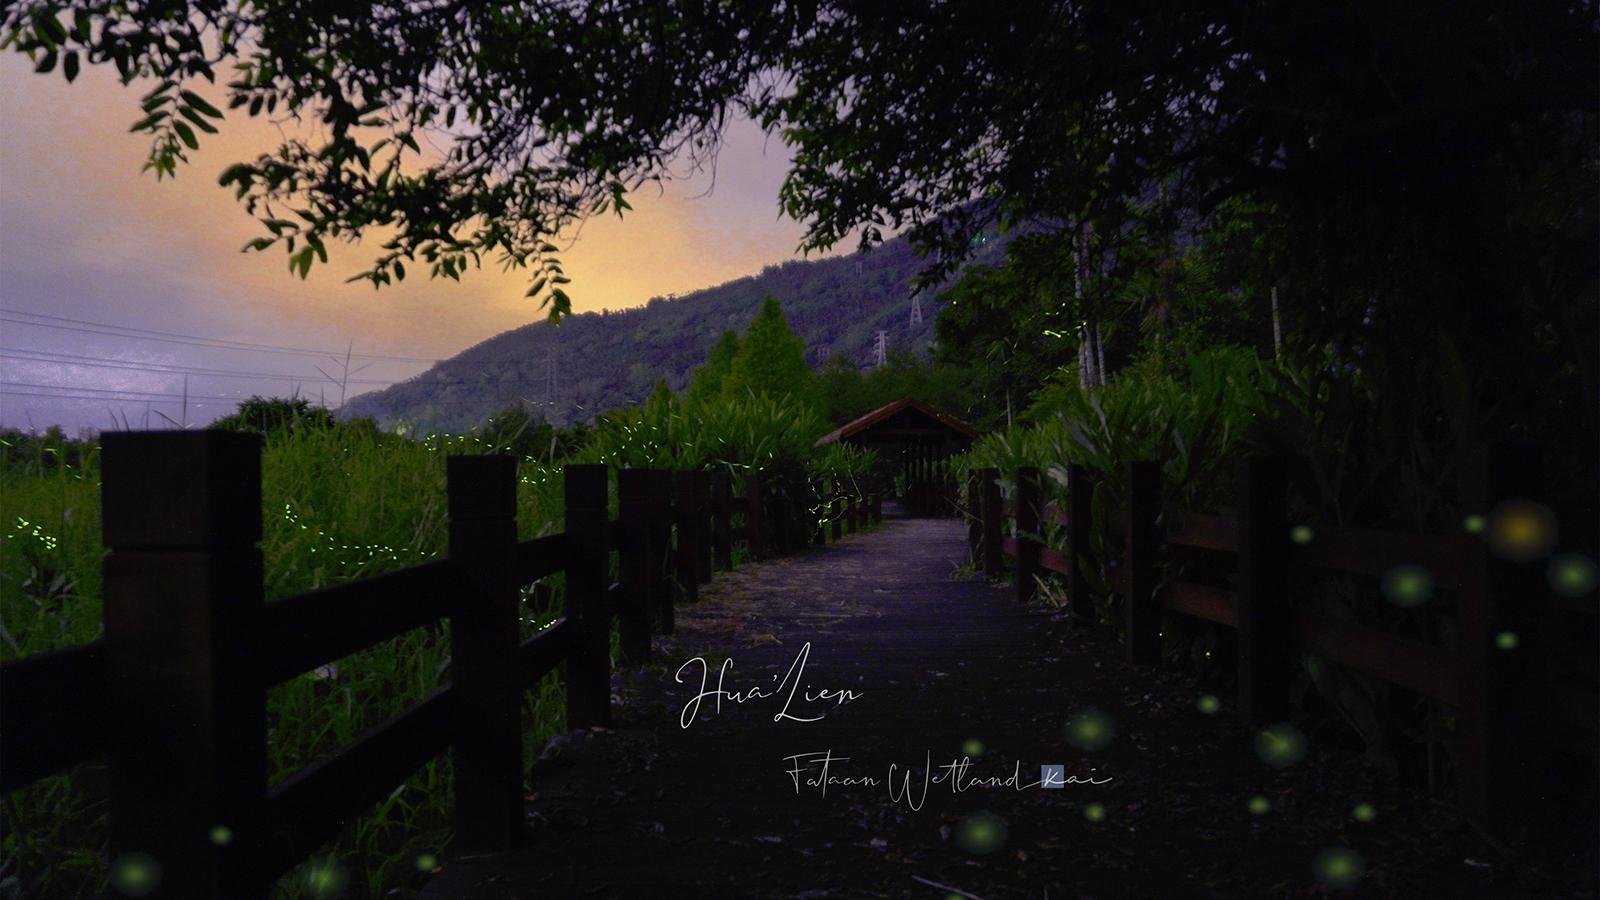 網站近期文章:☆【花蓮景點】馬太鞍濕地欣綠農園。沐浴在螢火蟲微光中的奇幻體驗